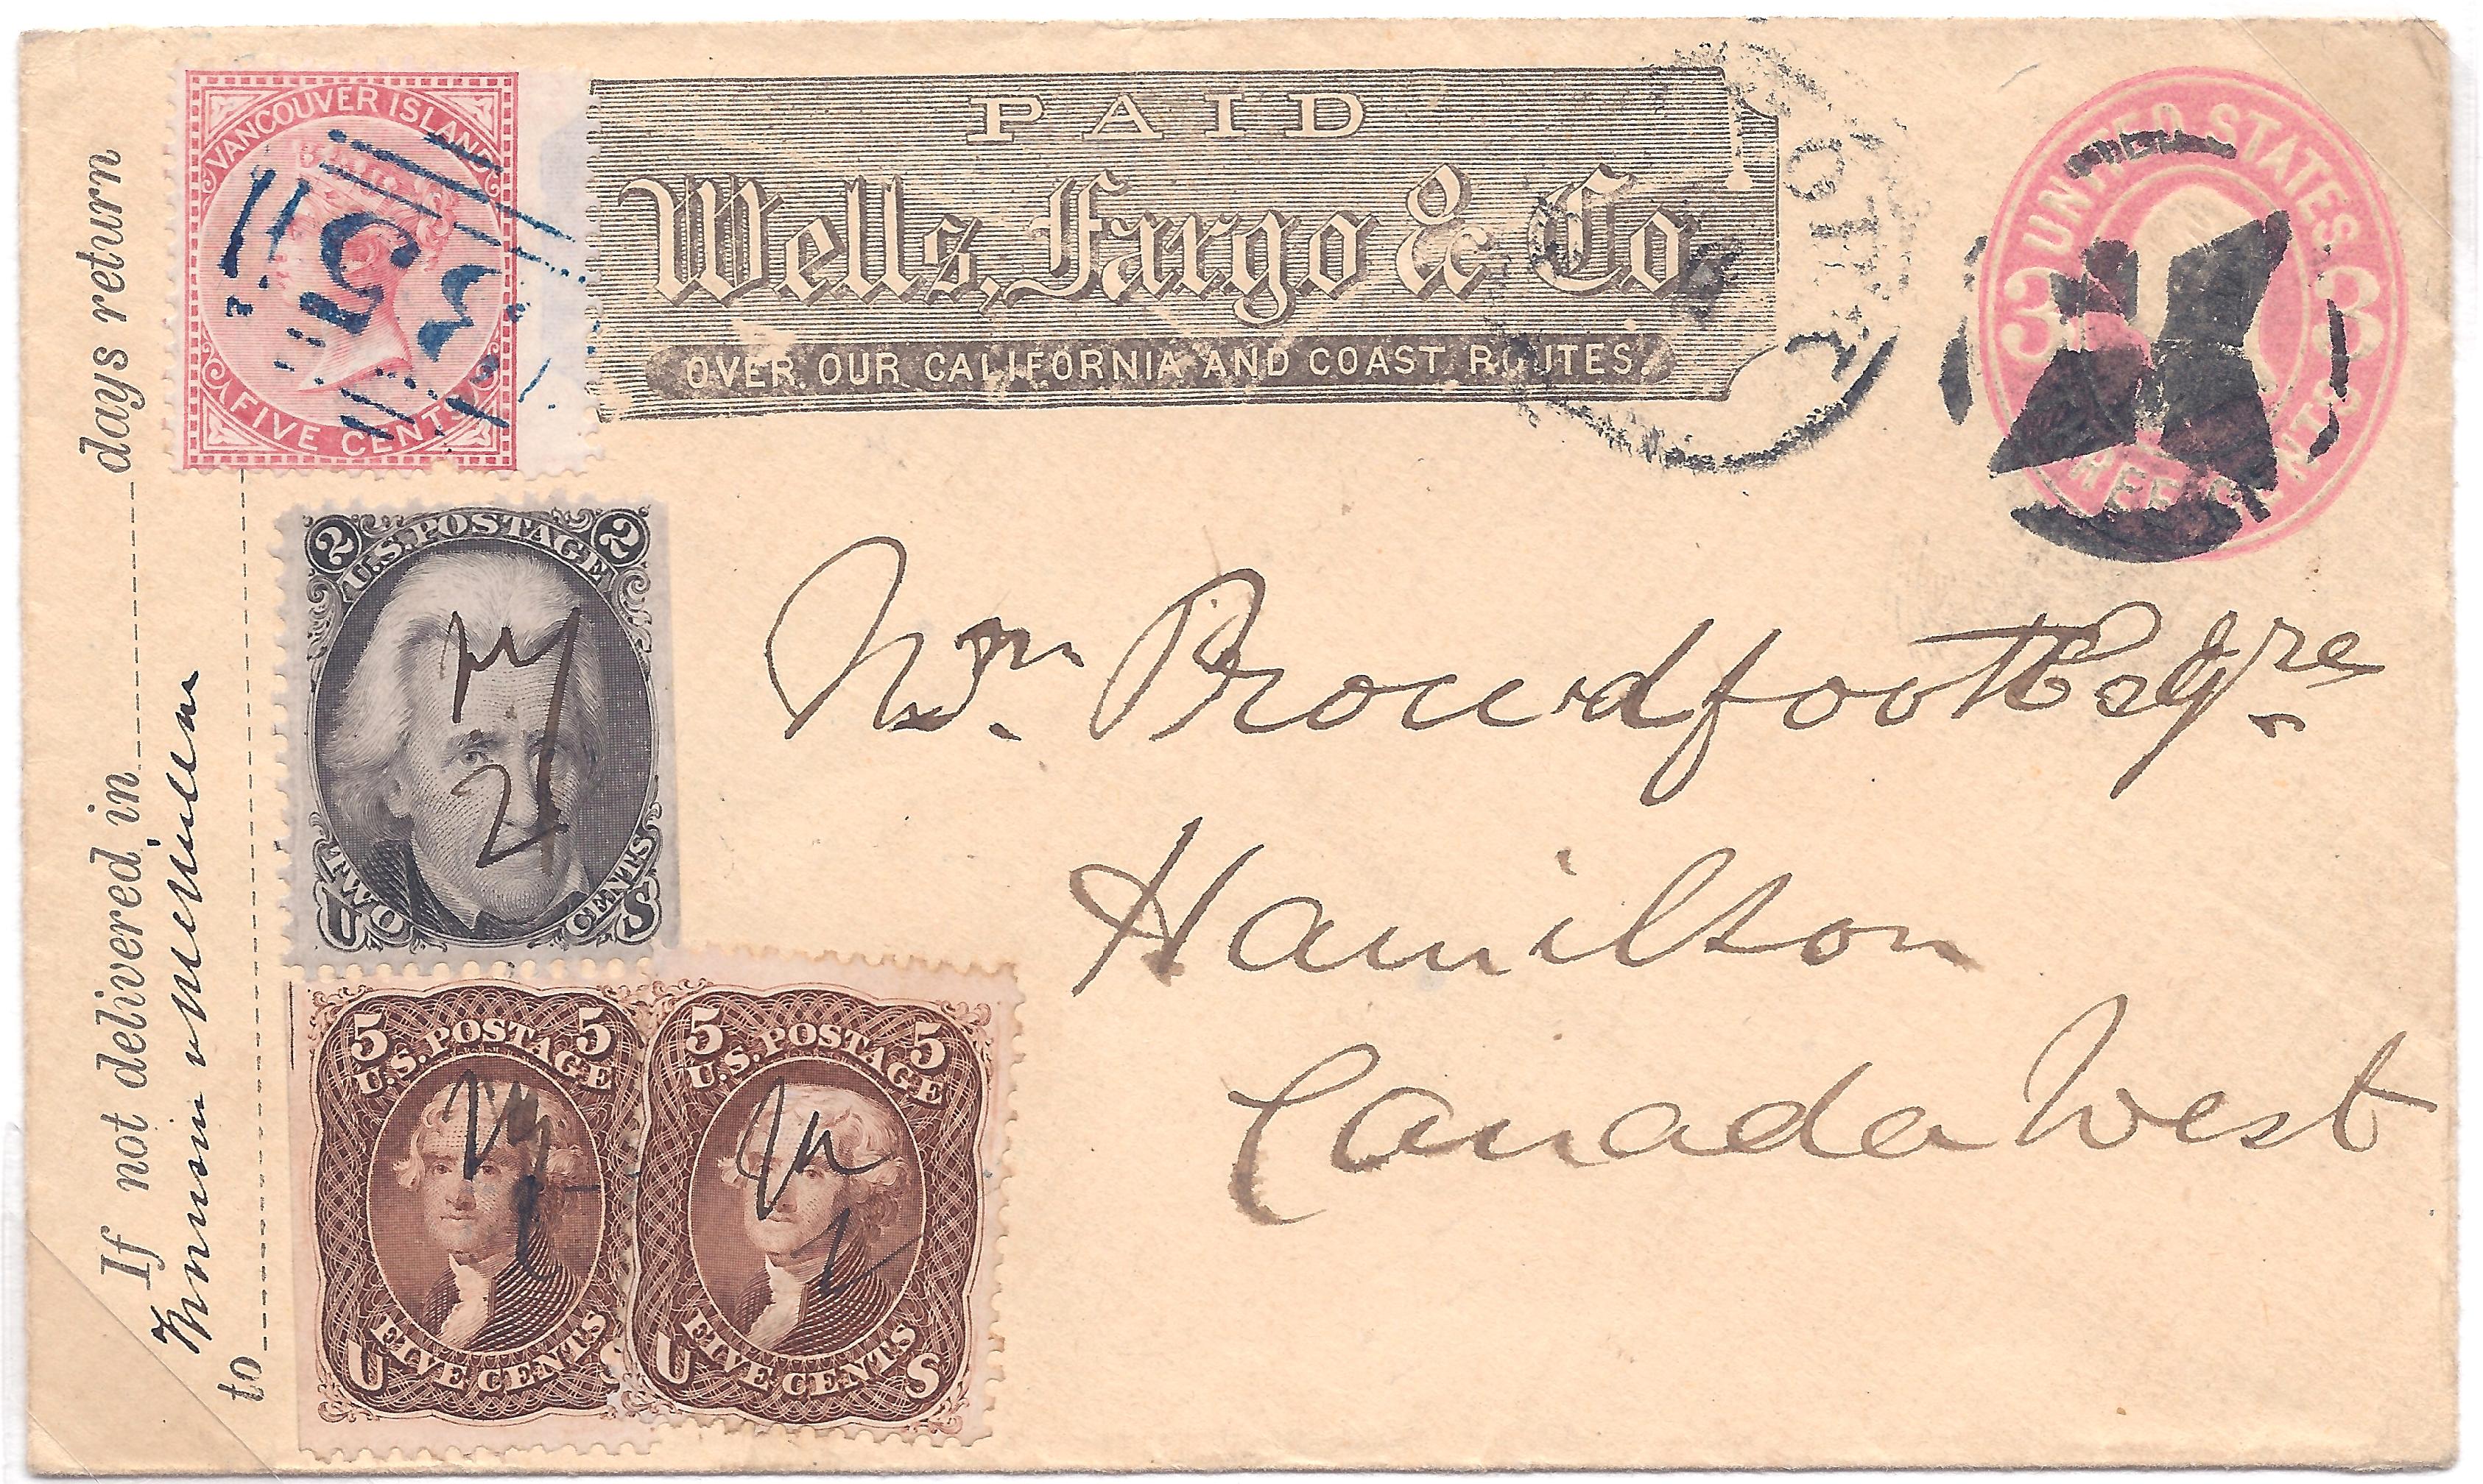 Suburban 20120420 5 32 WF Frank Victoria VI To Hamilton CW (VI5 U59 73 76)